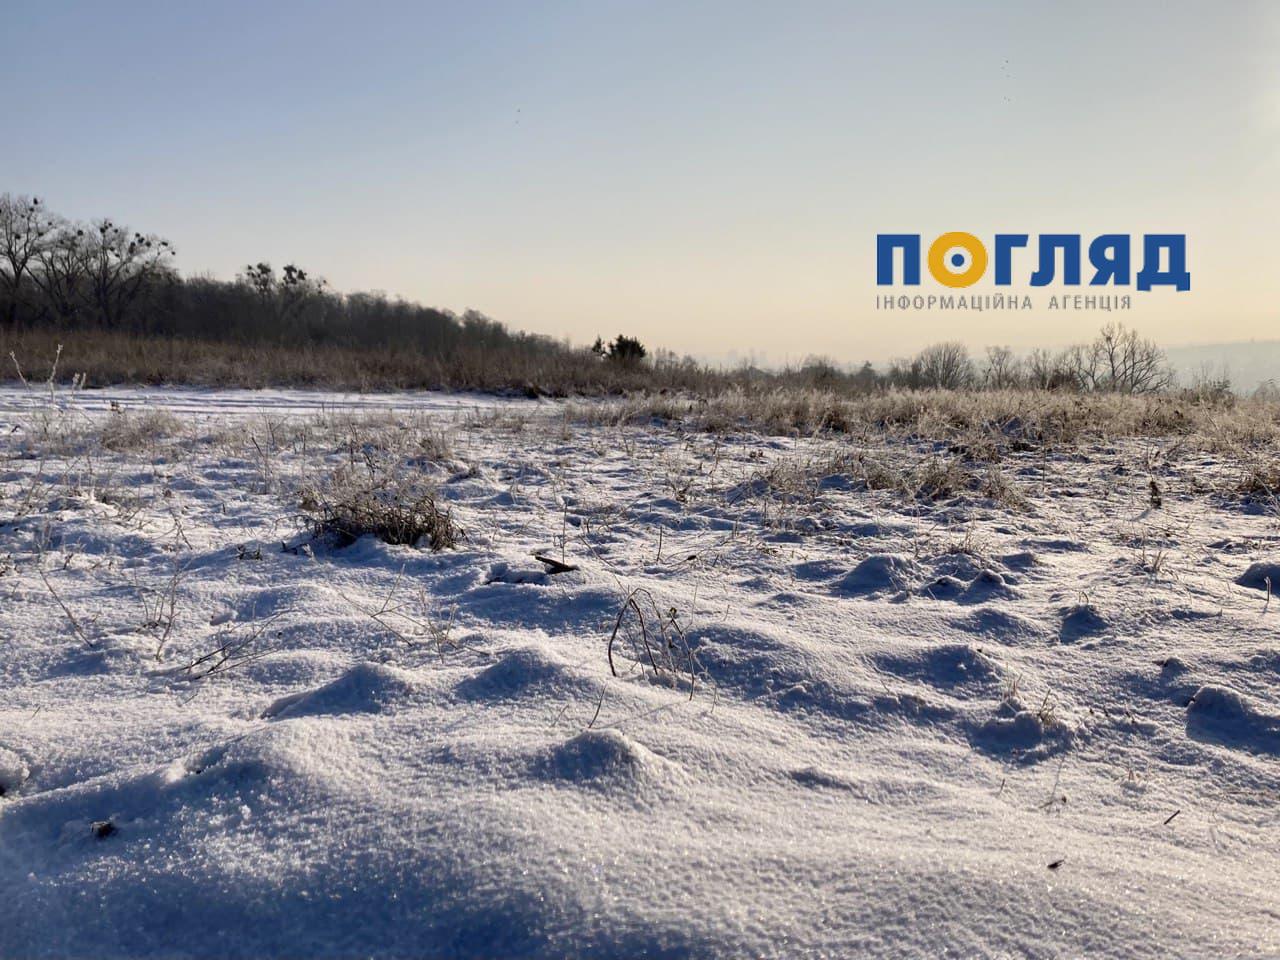 Снігопади на Київщині 30 січня зумовлені циклоном Олаф - циклон, снігопад, сніг, прогноз погоди, погода - photo 2021 01 30 12 15 15